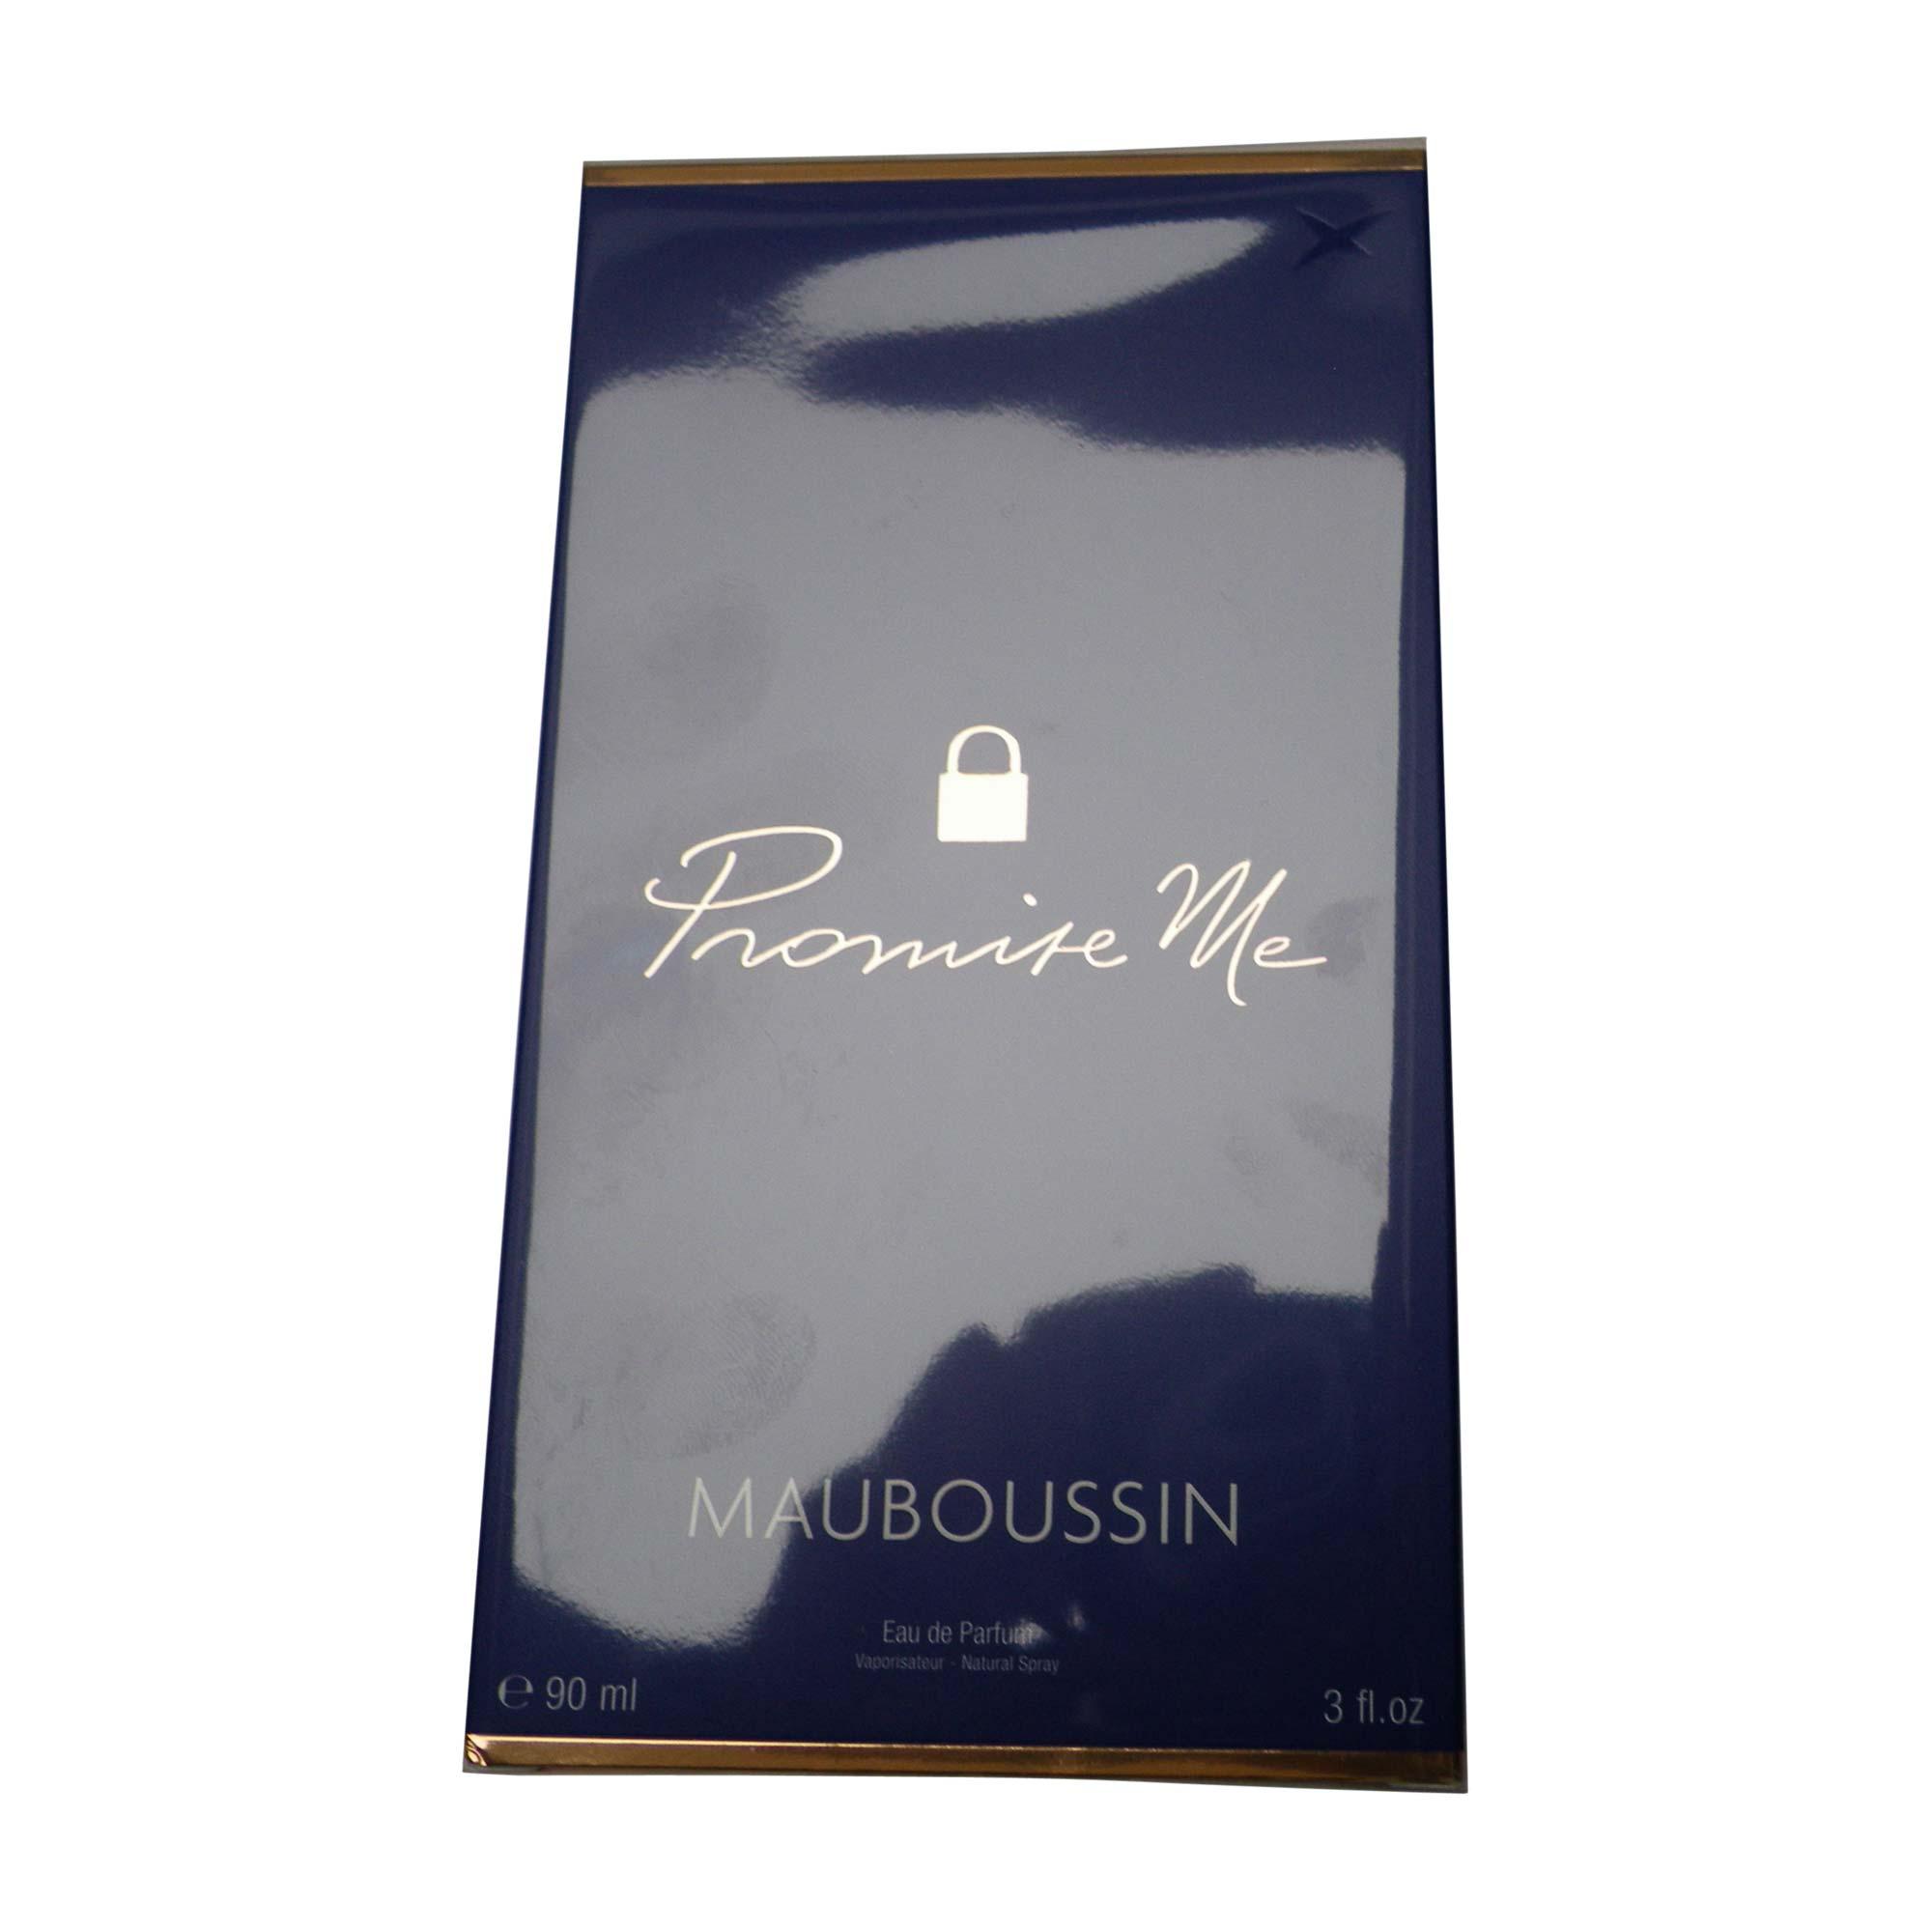 Eau de parfum MAUBOUSSIN